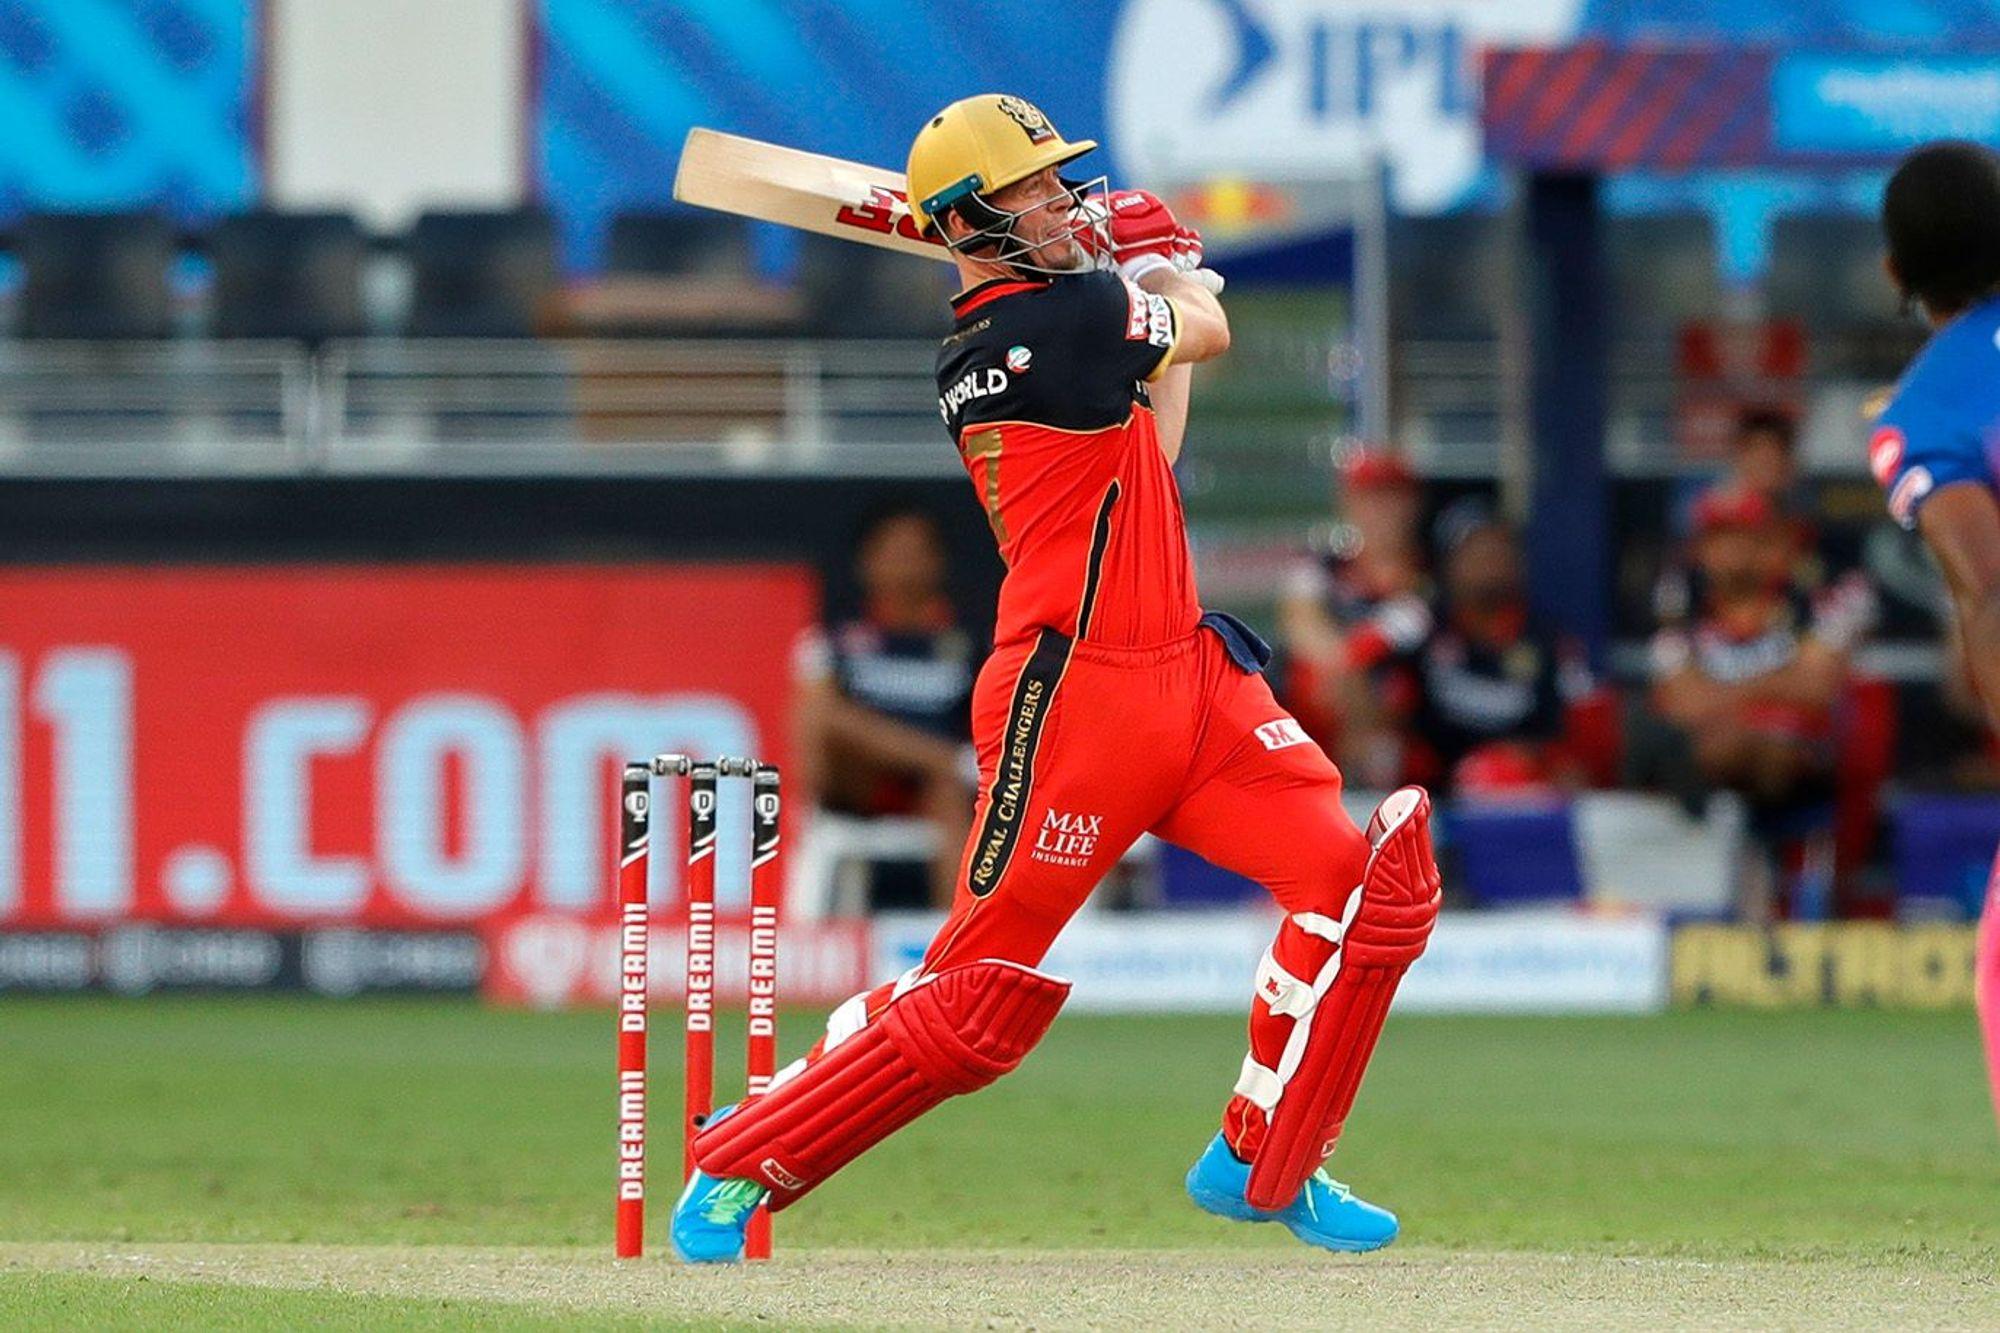 RRvsRCB: स्टीव स्मिथ की गलती पड़ी राजस्थान पर भारी, आरसीबी ने 7 विकेट से दर्ज की बड़ी जीत 4